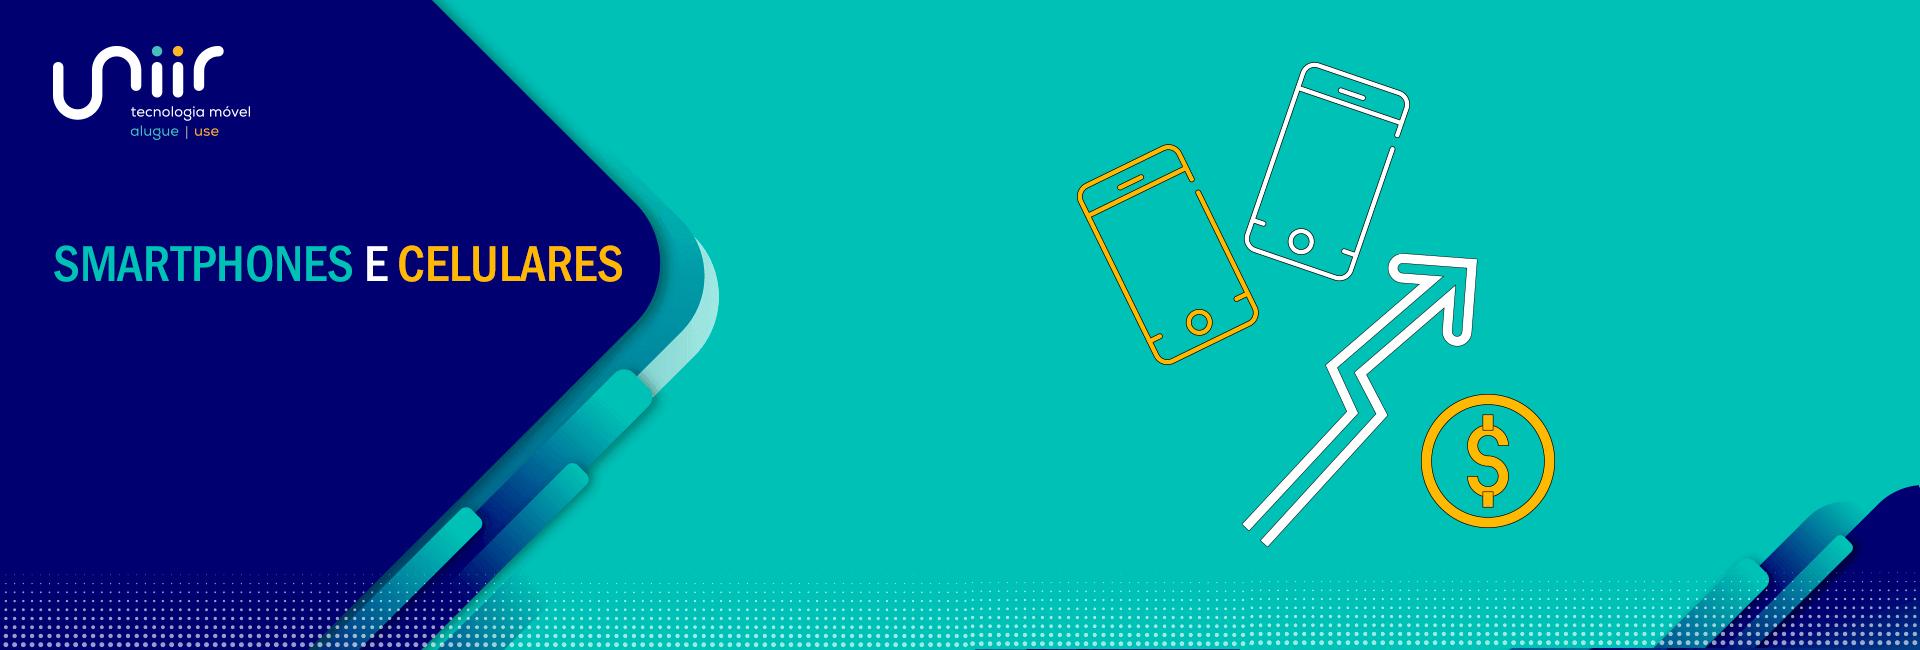 Smartphones e celulares